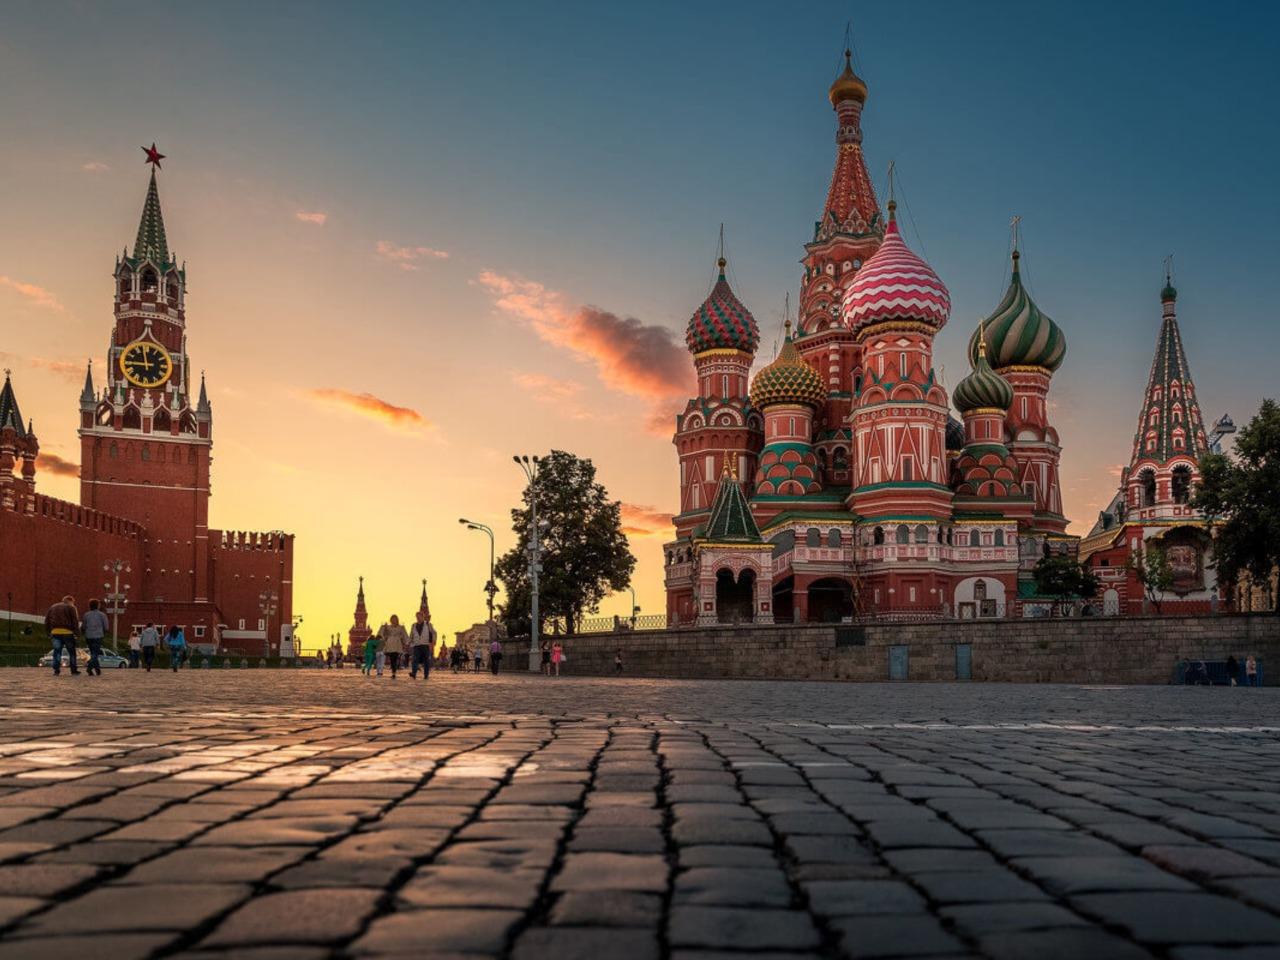 Кремль и Зарядье - групповая экскурсия по Москве от опытного гида